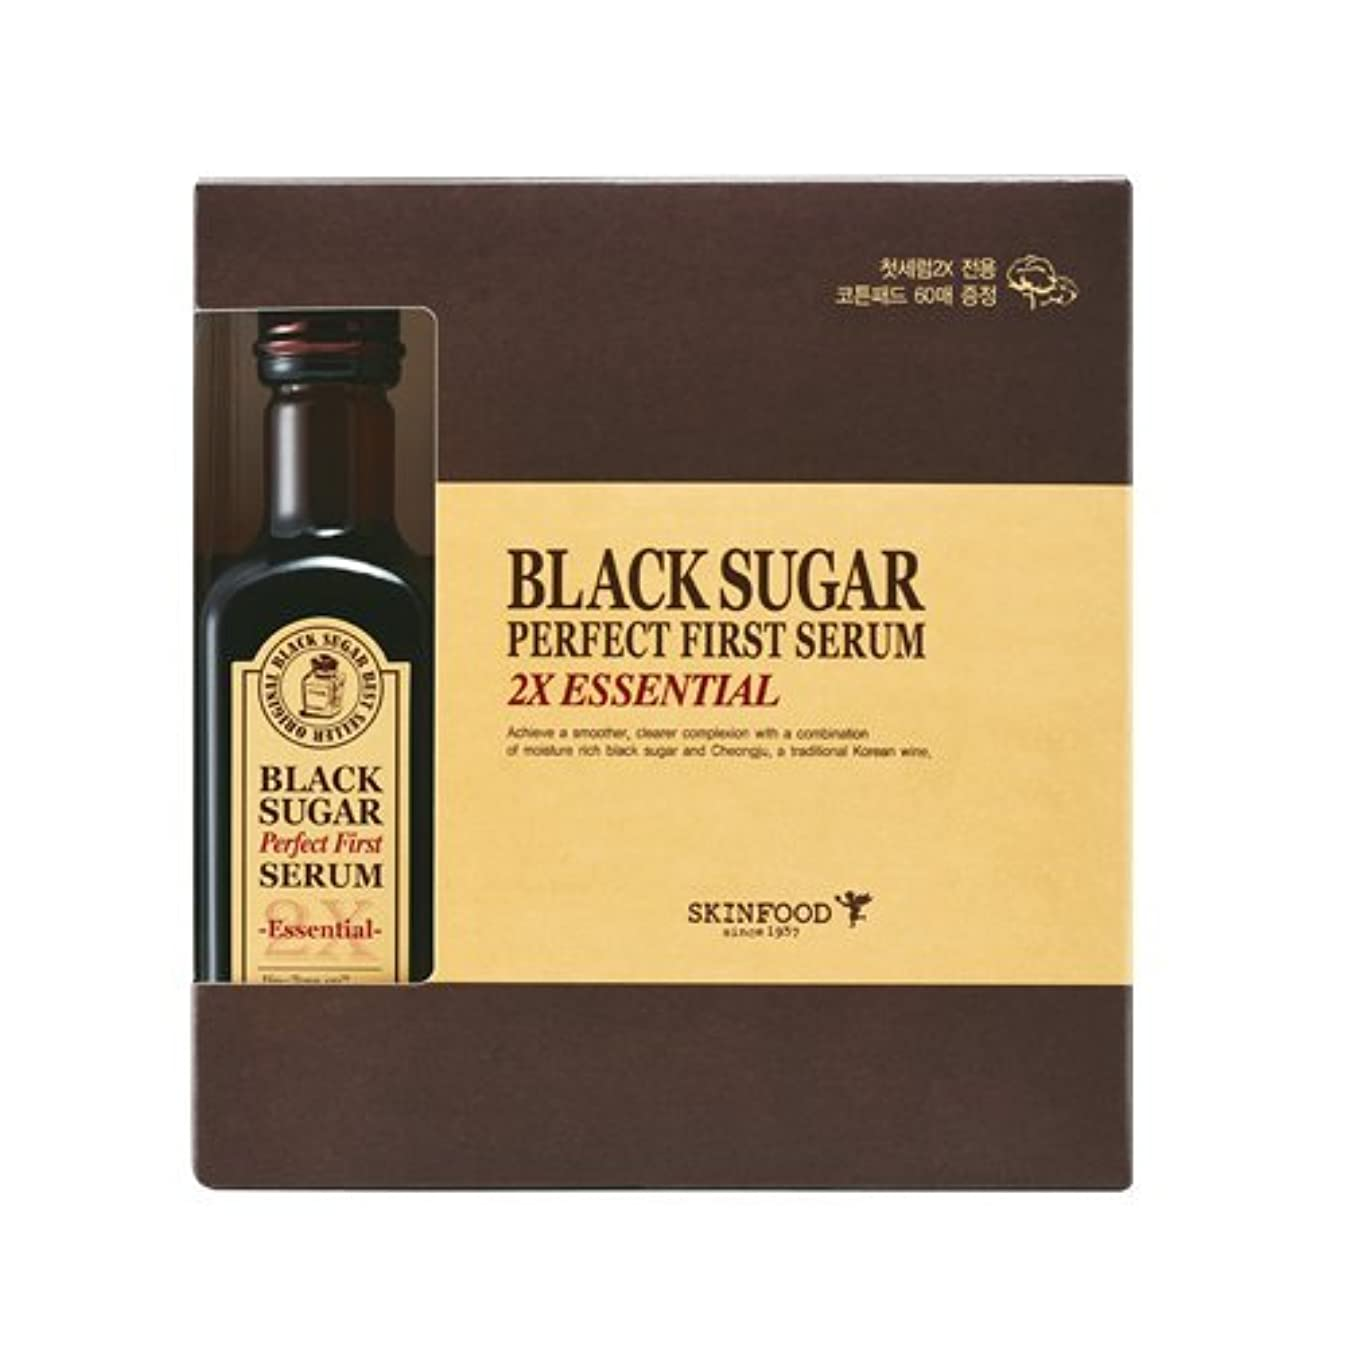 船員膨らませる部分的に(SKINFOOD スキンフード)Black Sugar Perfect First Serum 2X ?essential- ブラックシュガー パーフェクトファーストセラム2X skin-brightening and...